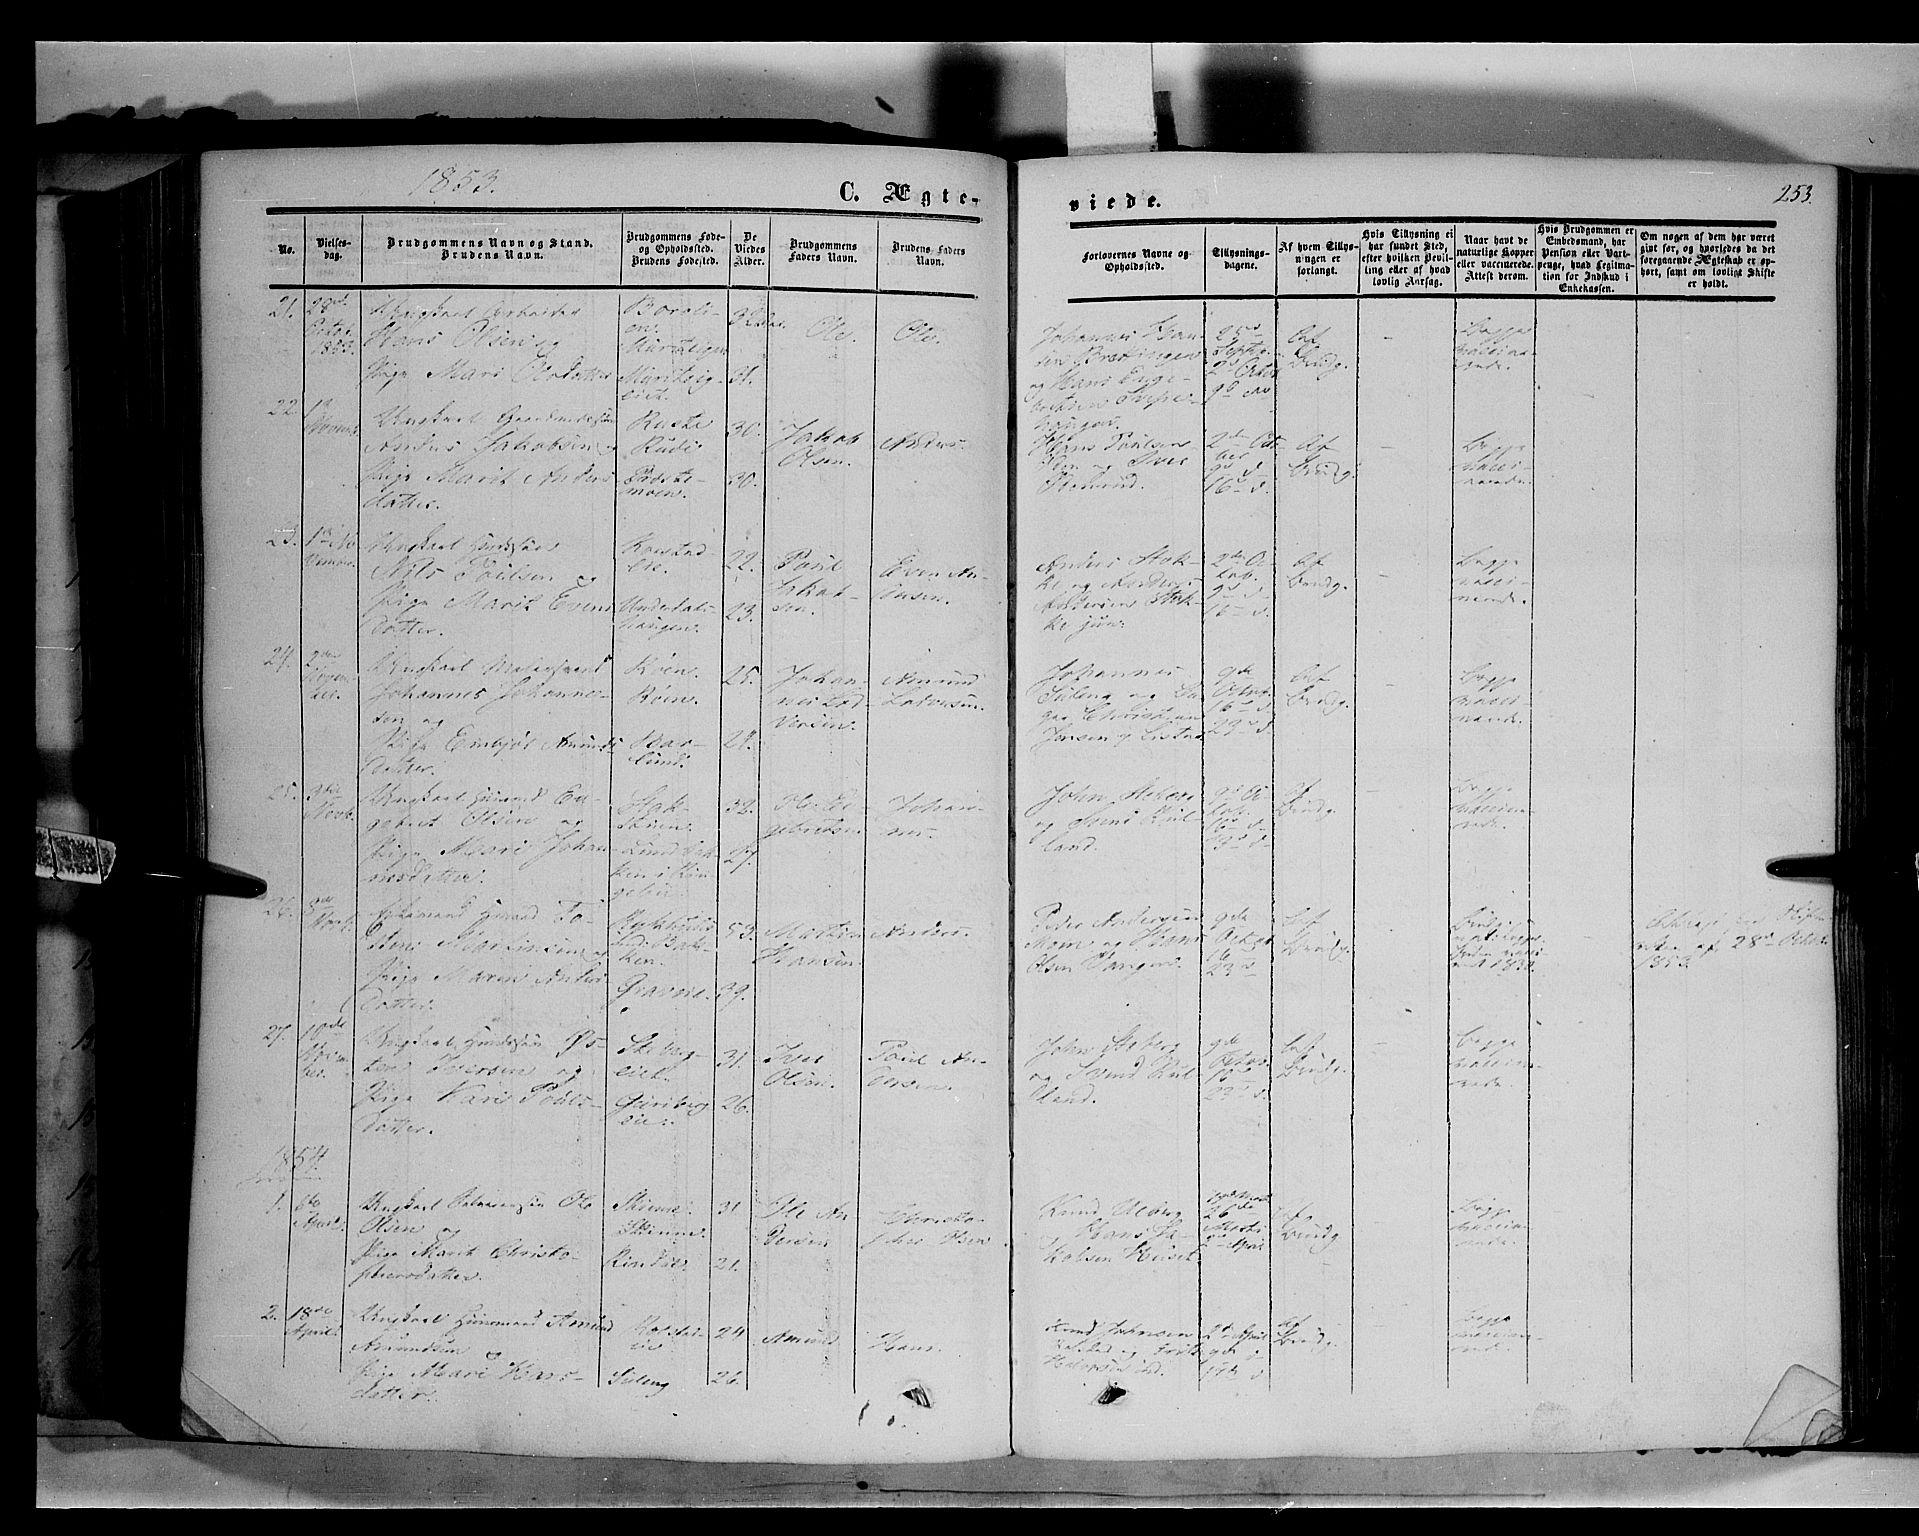 SAH, Sør-Fron prestekontor, H/Ha/Haa/L0001: Ministerialbok nr. 1, 1849-1863, s. 253